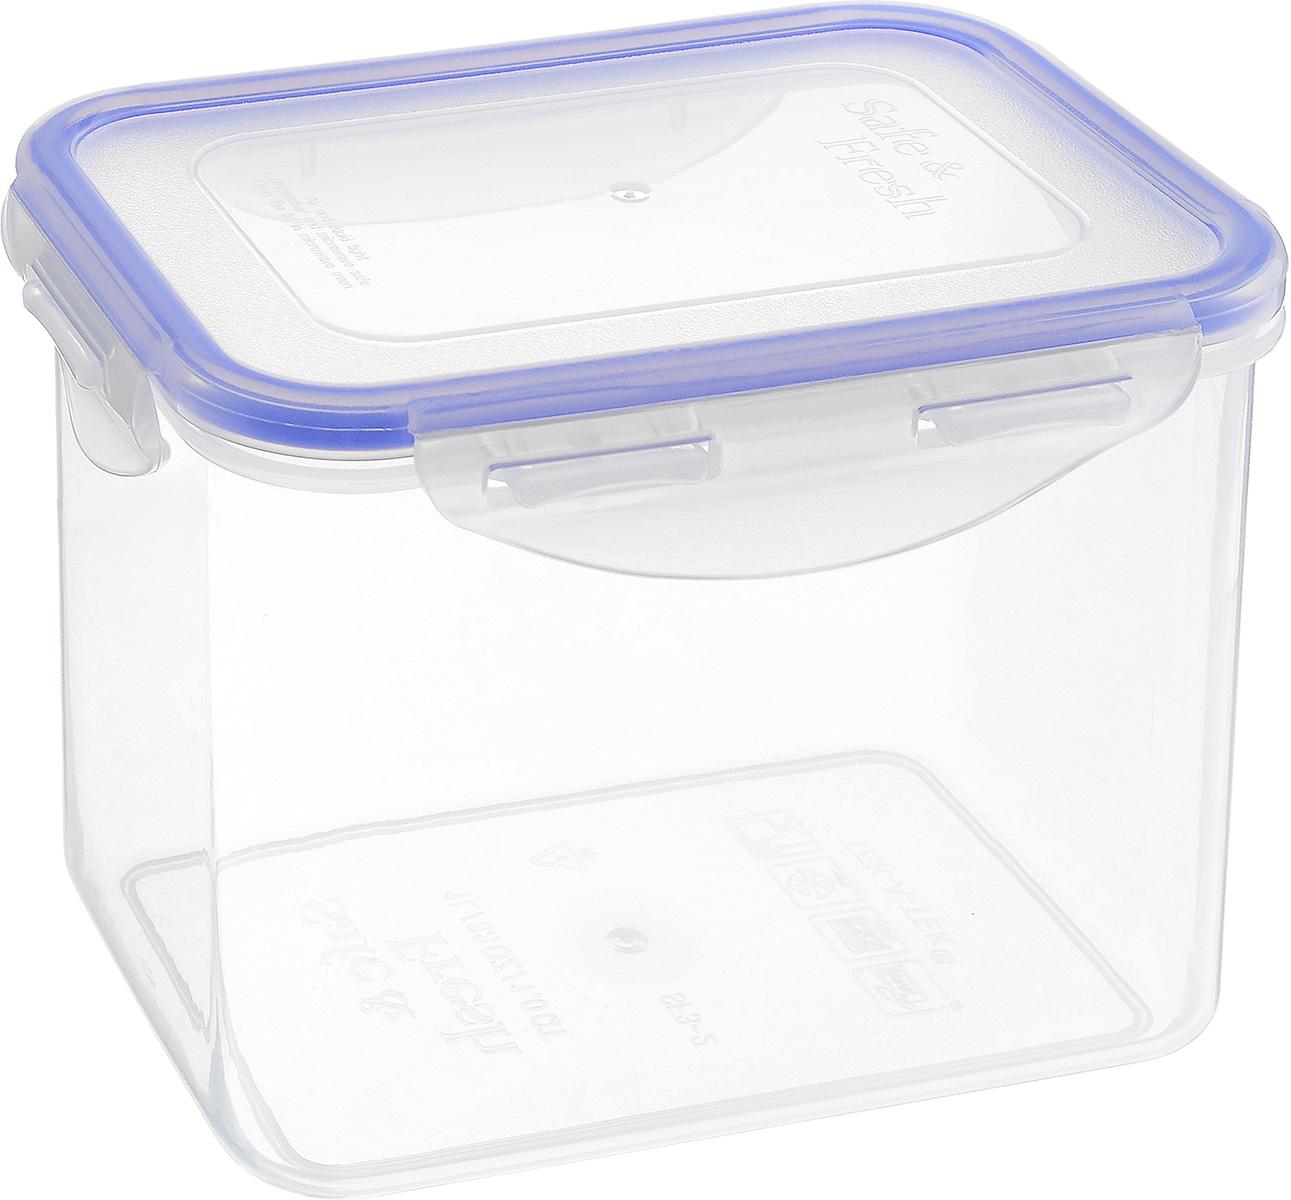 Контейнер пищевой Tek-a-Tek, 1 лSF3-2Пищевой контейнер Tek-a-Tek выполнен из высококачественного пластика. Изделие оснащено четырехсторонними петлями-замками и силиконовой прокладкой на внутренней стороне крышки. Это позволяет воде и воздуху не попадать внутрь, сохраняется герметичность.Изделие абсолютно нетоксично при любом температурном режиме.Можно использовать в посудомоечной машине, а так же в микроволновой печи (без крышки), замораживать до -20°С и размораживать различные продукты без потери вкусовых качеств.